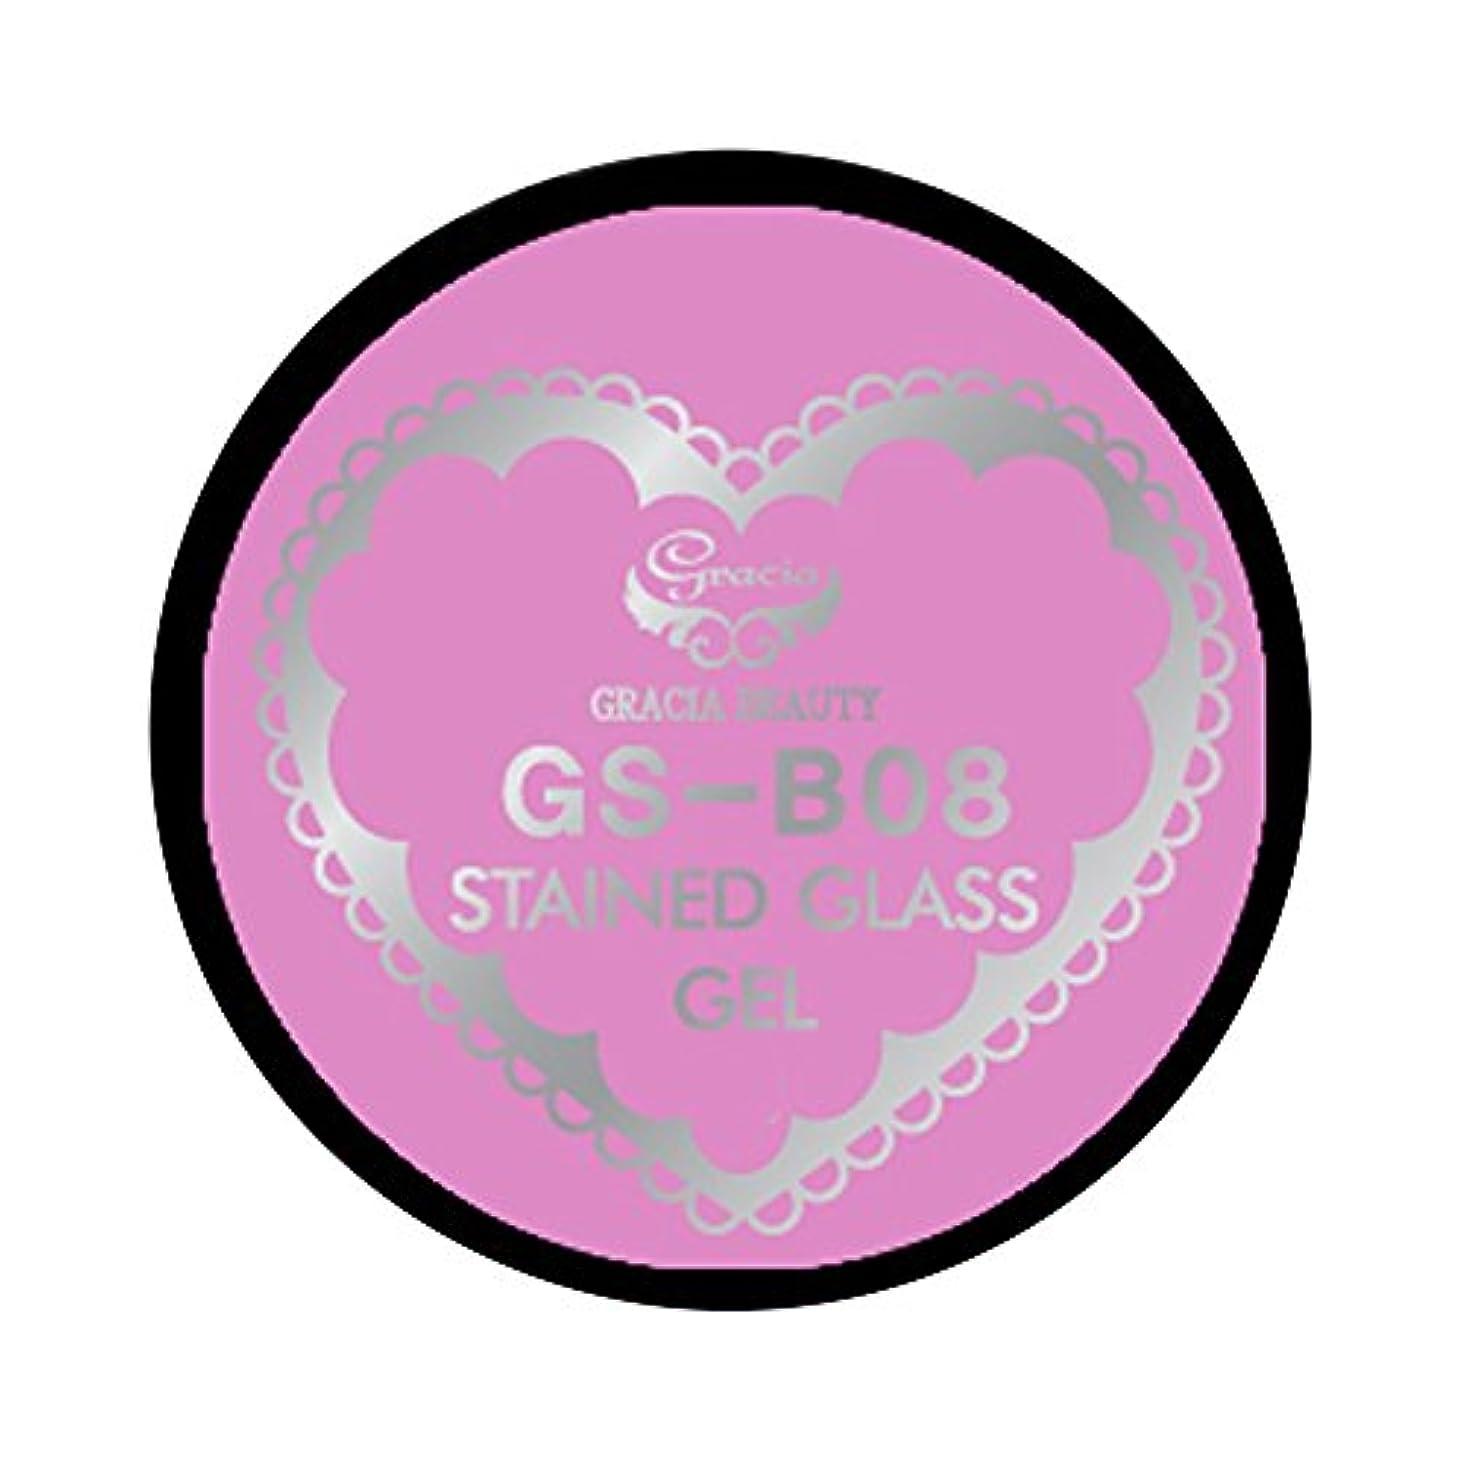 顕微鏡不十分な噛むグラシア ジェルネイル ステンドグラスジェル GSM-B08 3g